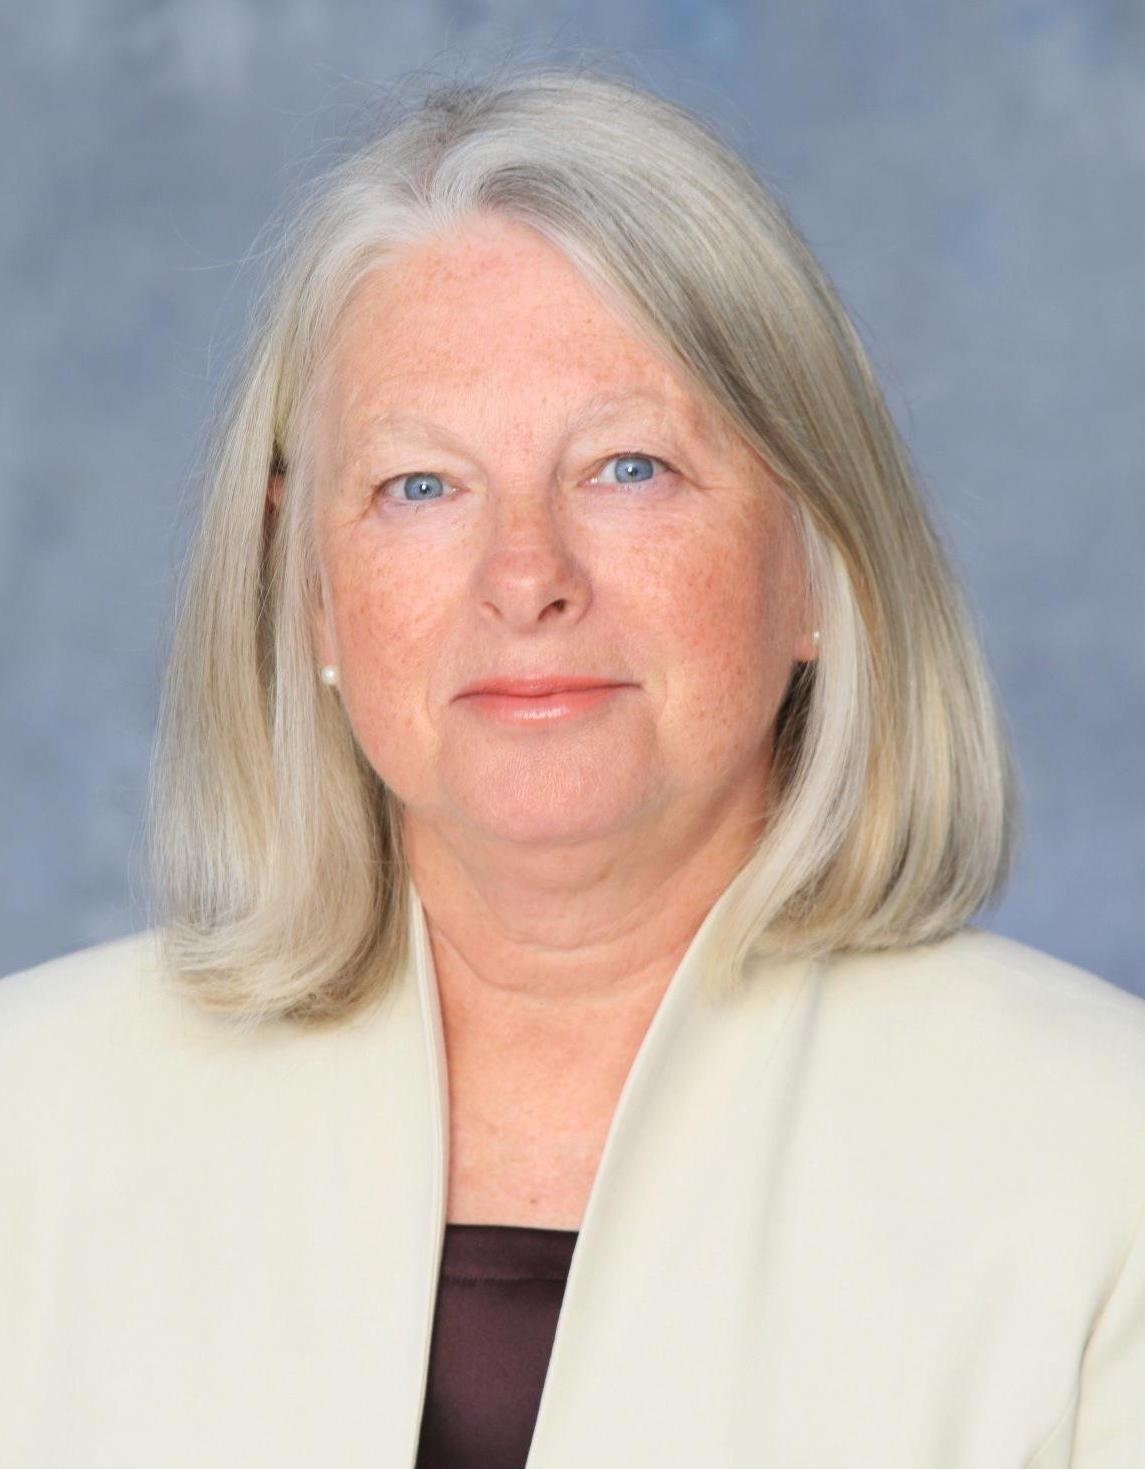 Leslie Solmes